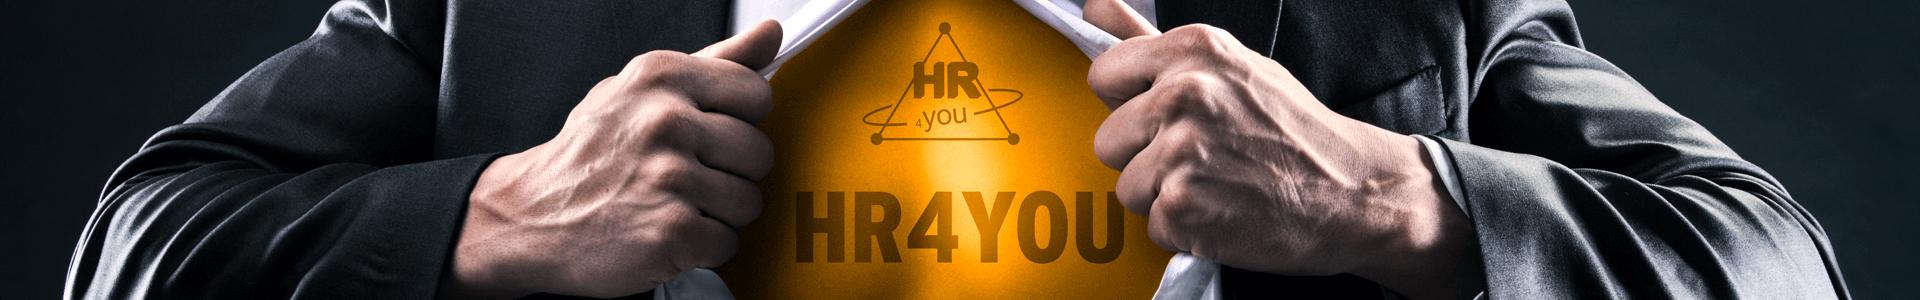 hr4you-software für personalberater